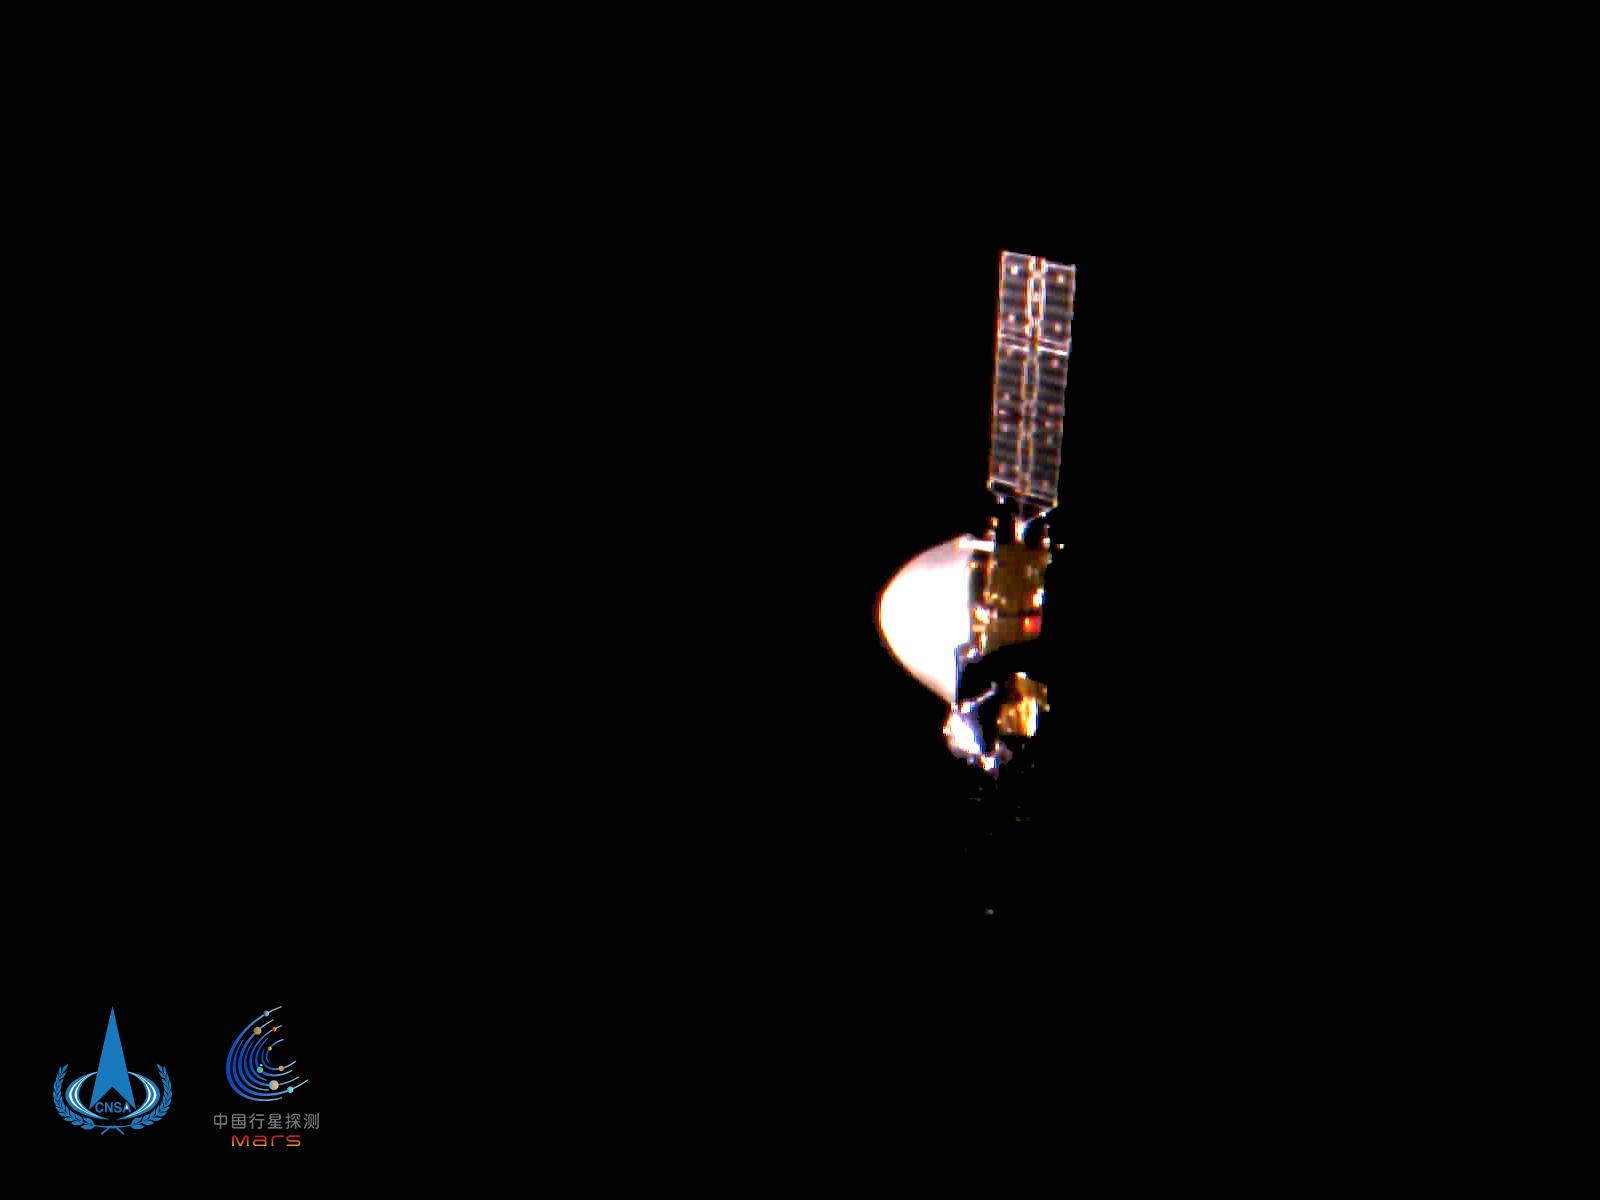 国家航天局发布天问一号探测器飞行图像